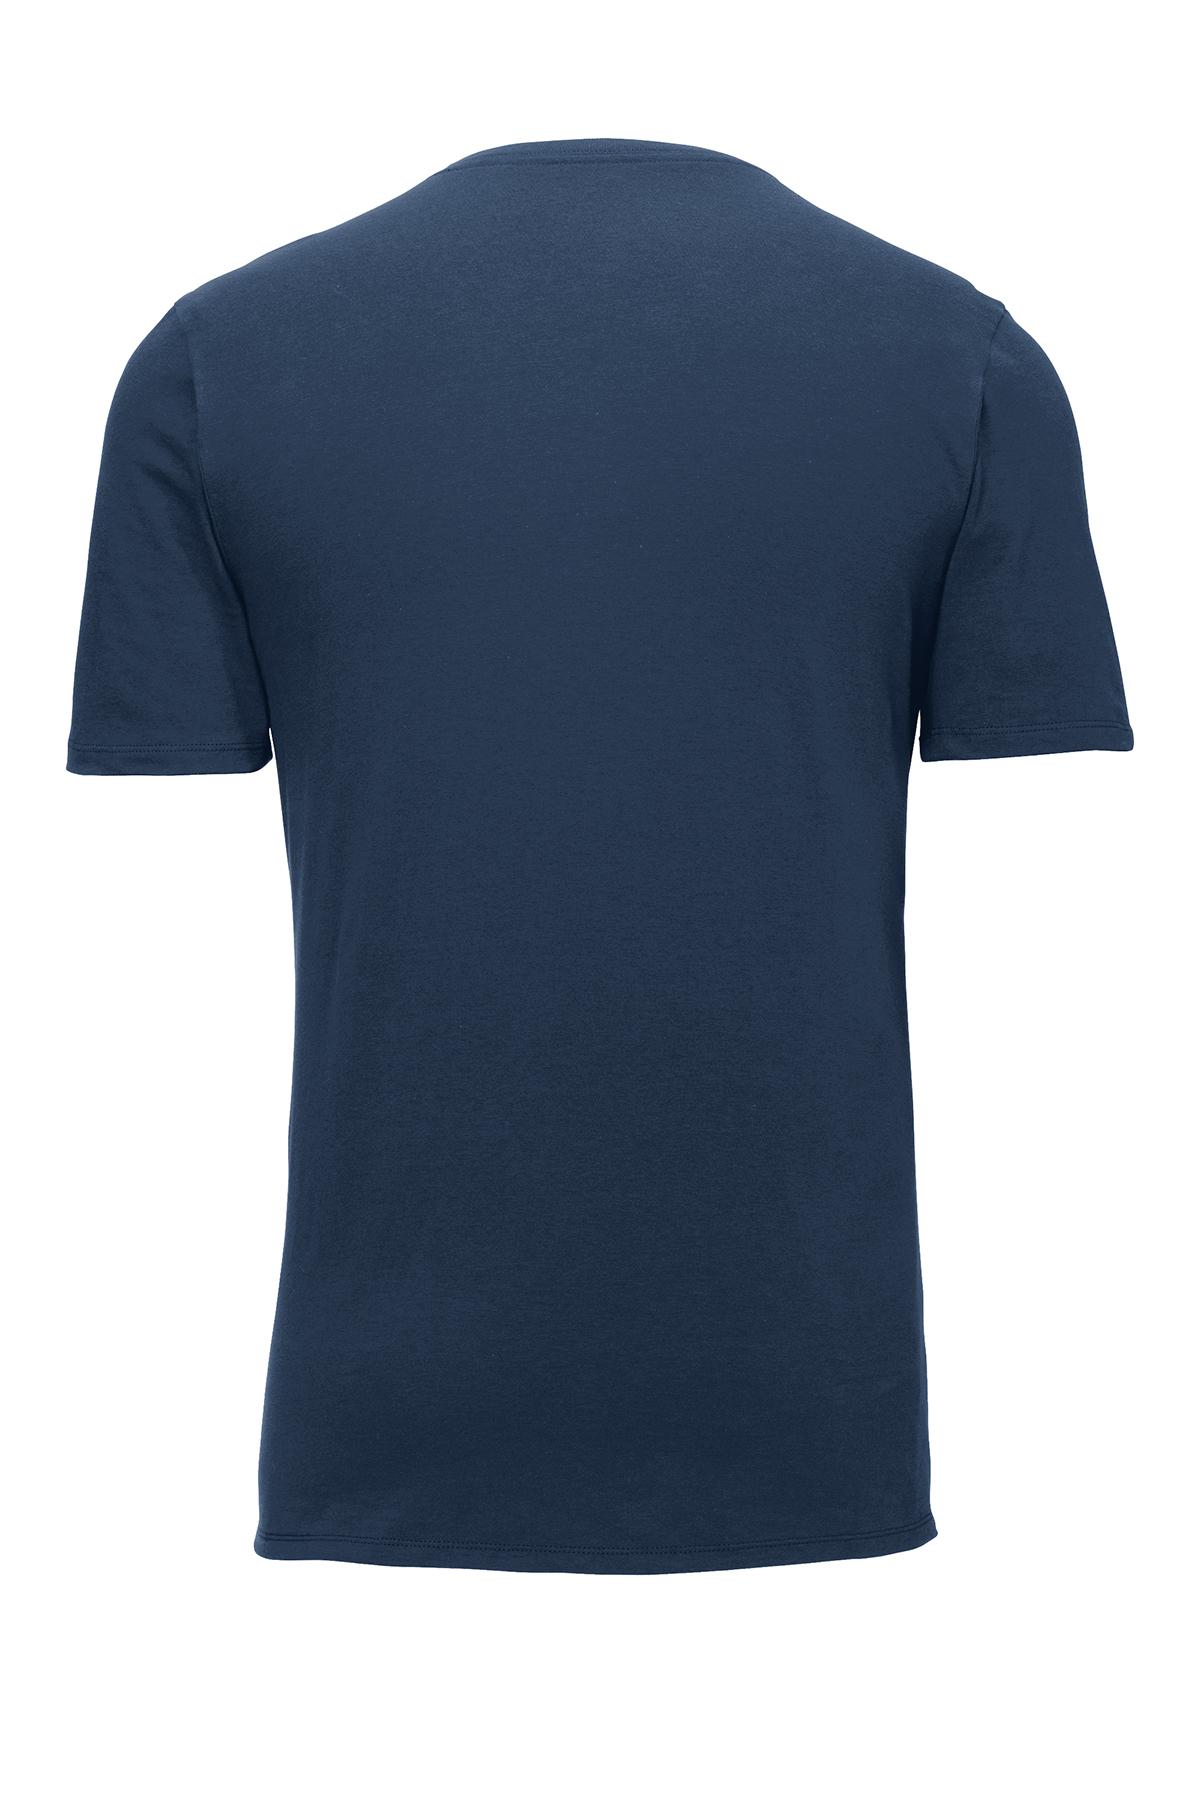 new products 812e1 fbc3e Nike Core Cotton Tee   Ring Spun   T-Shirts   SanMar